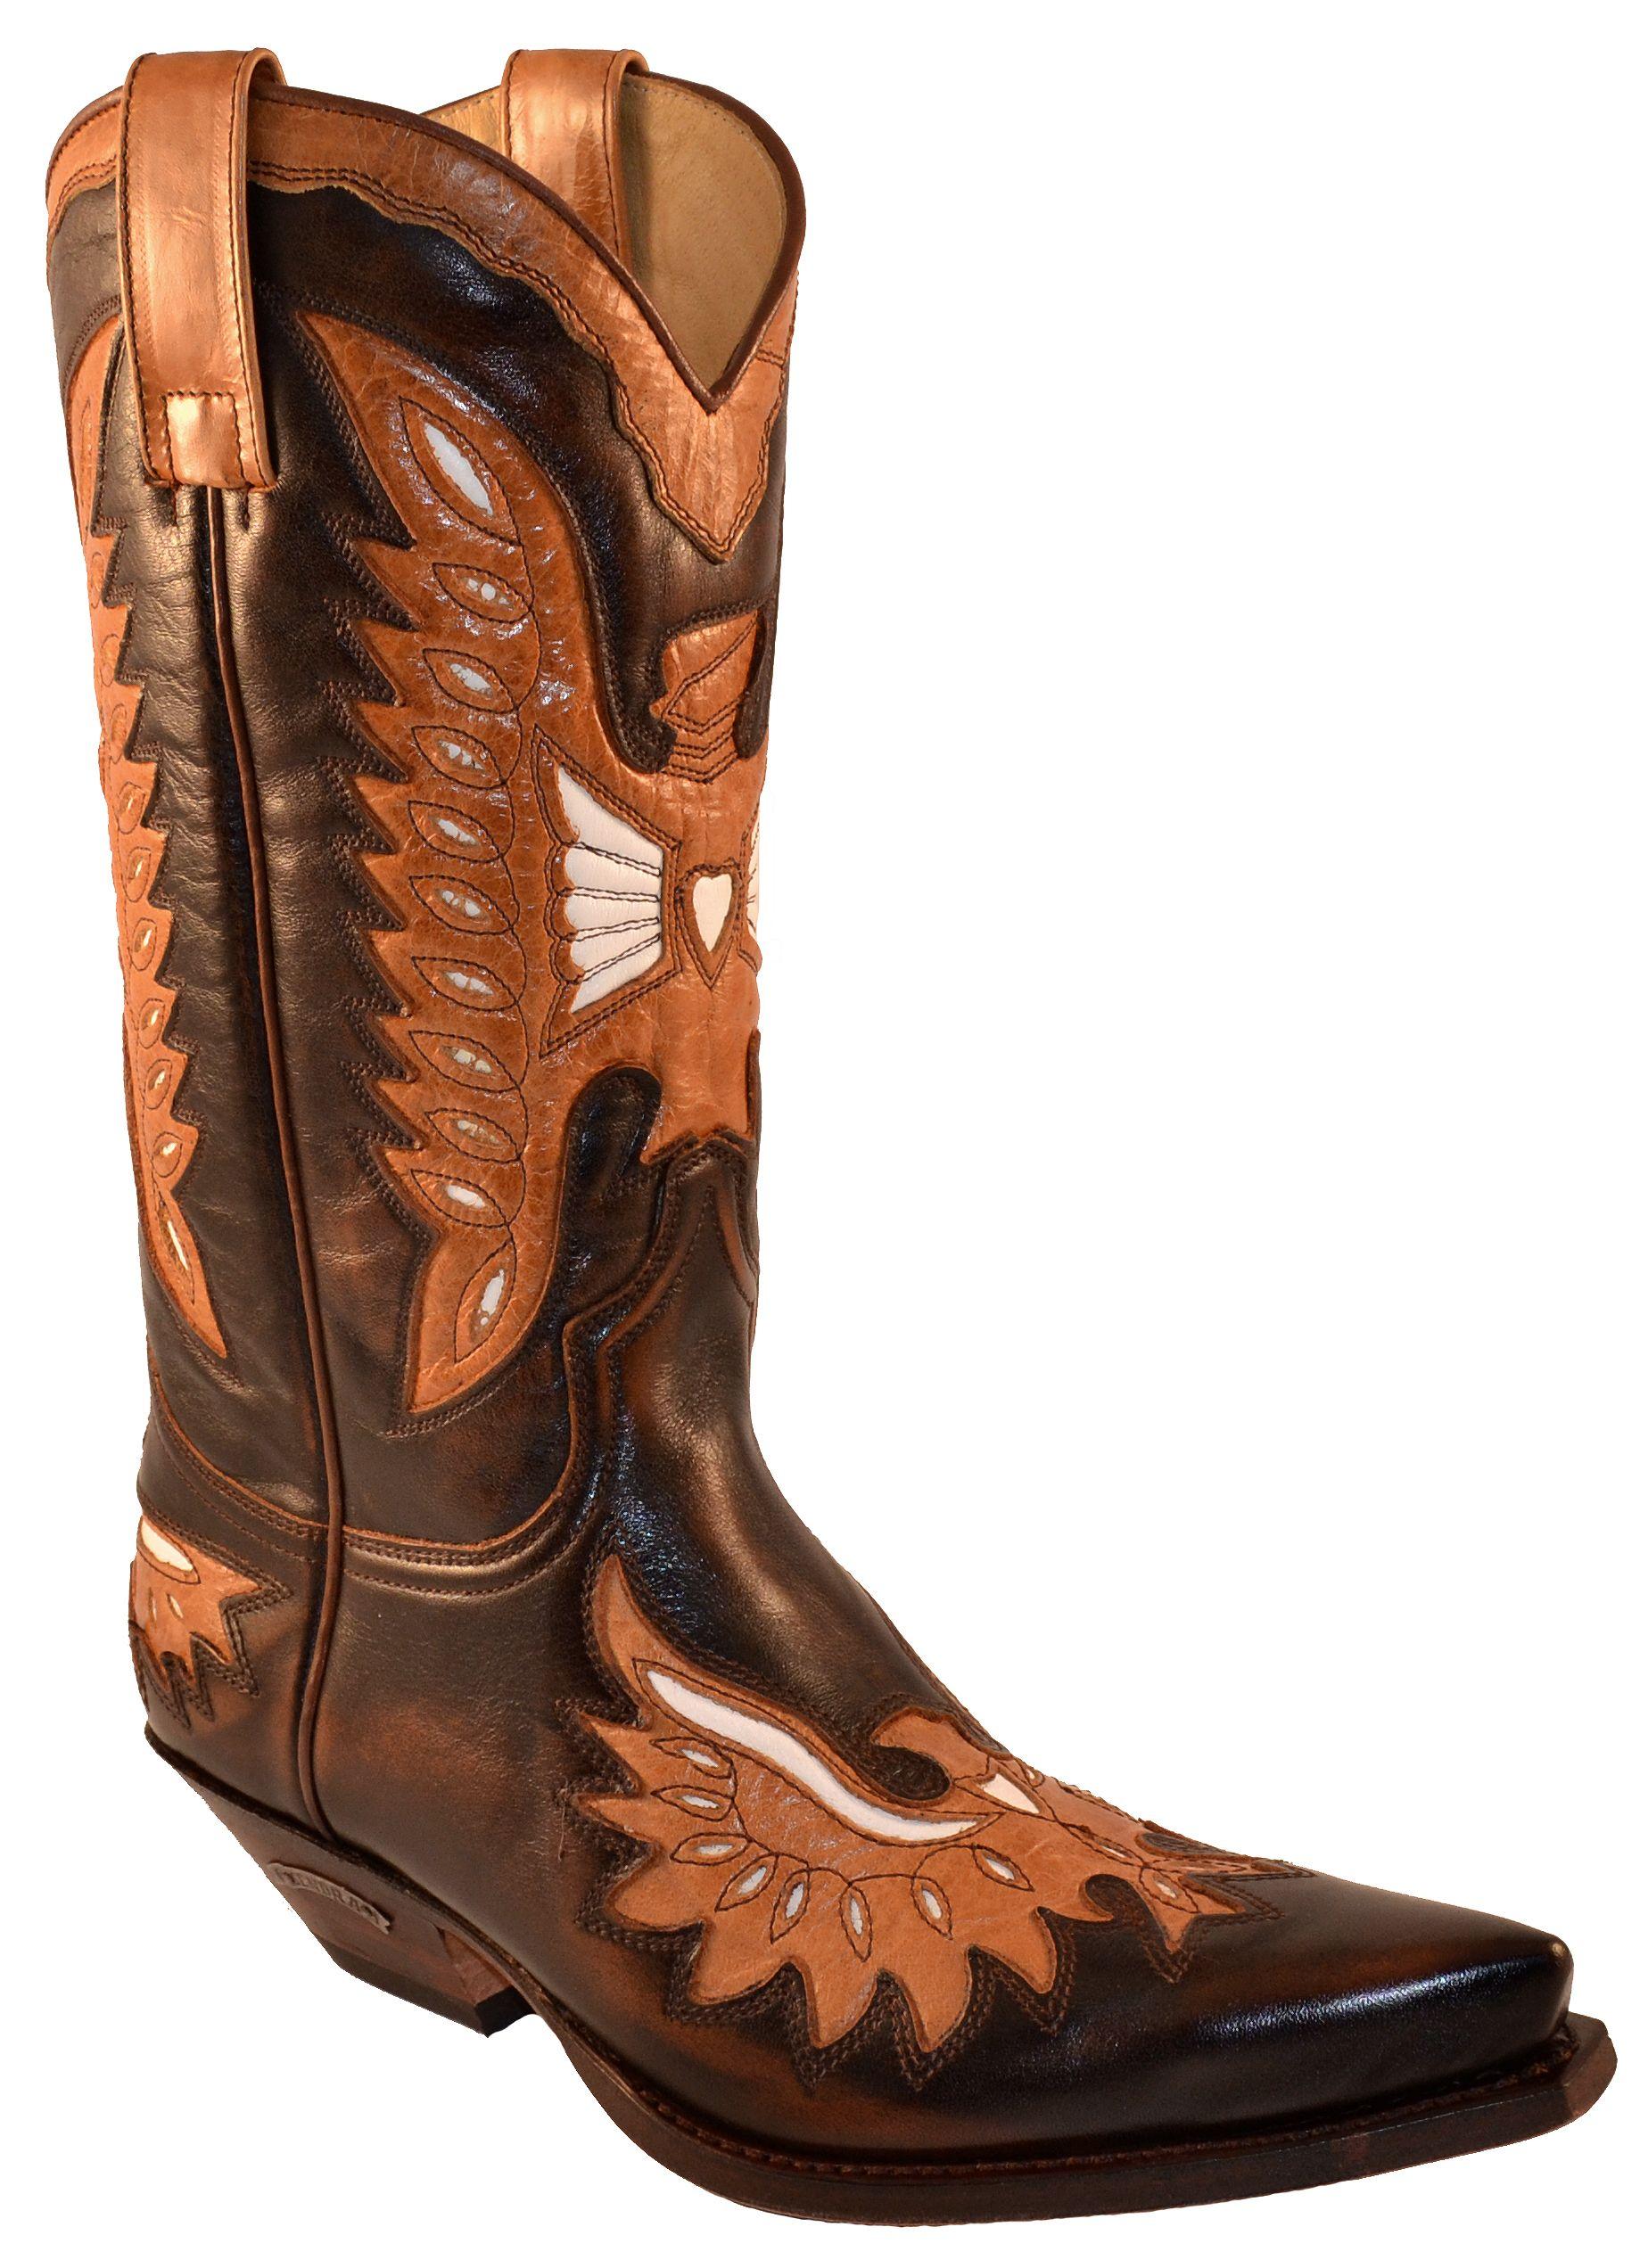 9fa8db4b0c8 Uno de nuestros modelos de Sendra que más gusta. Una bota cowboy ...